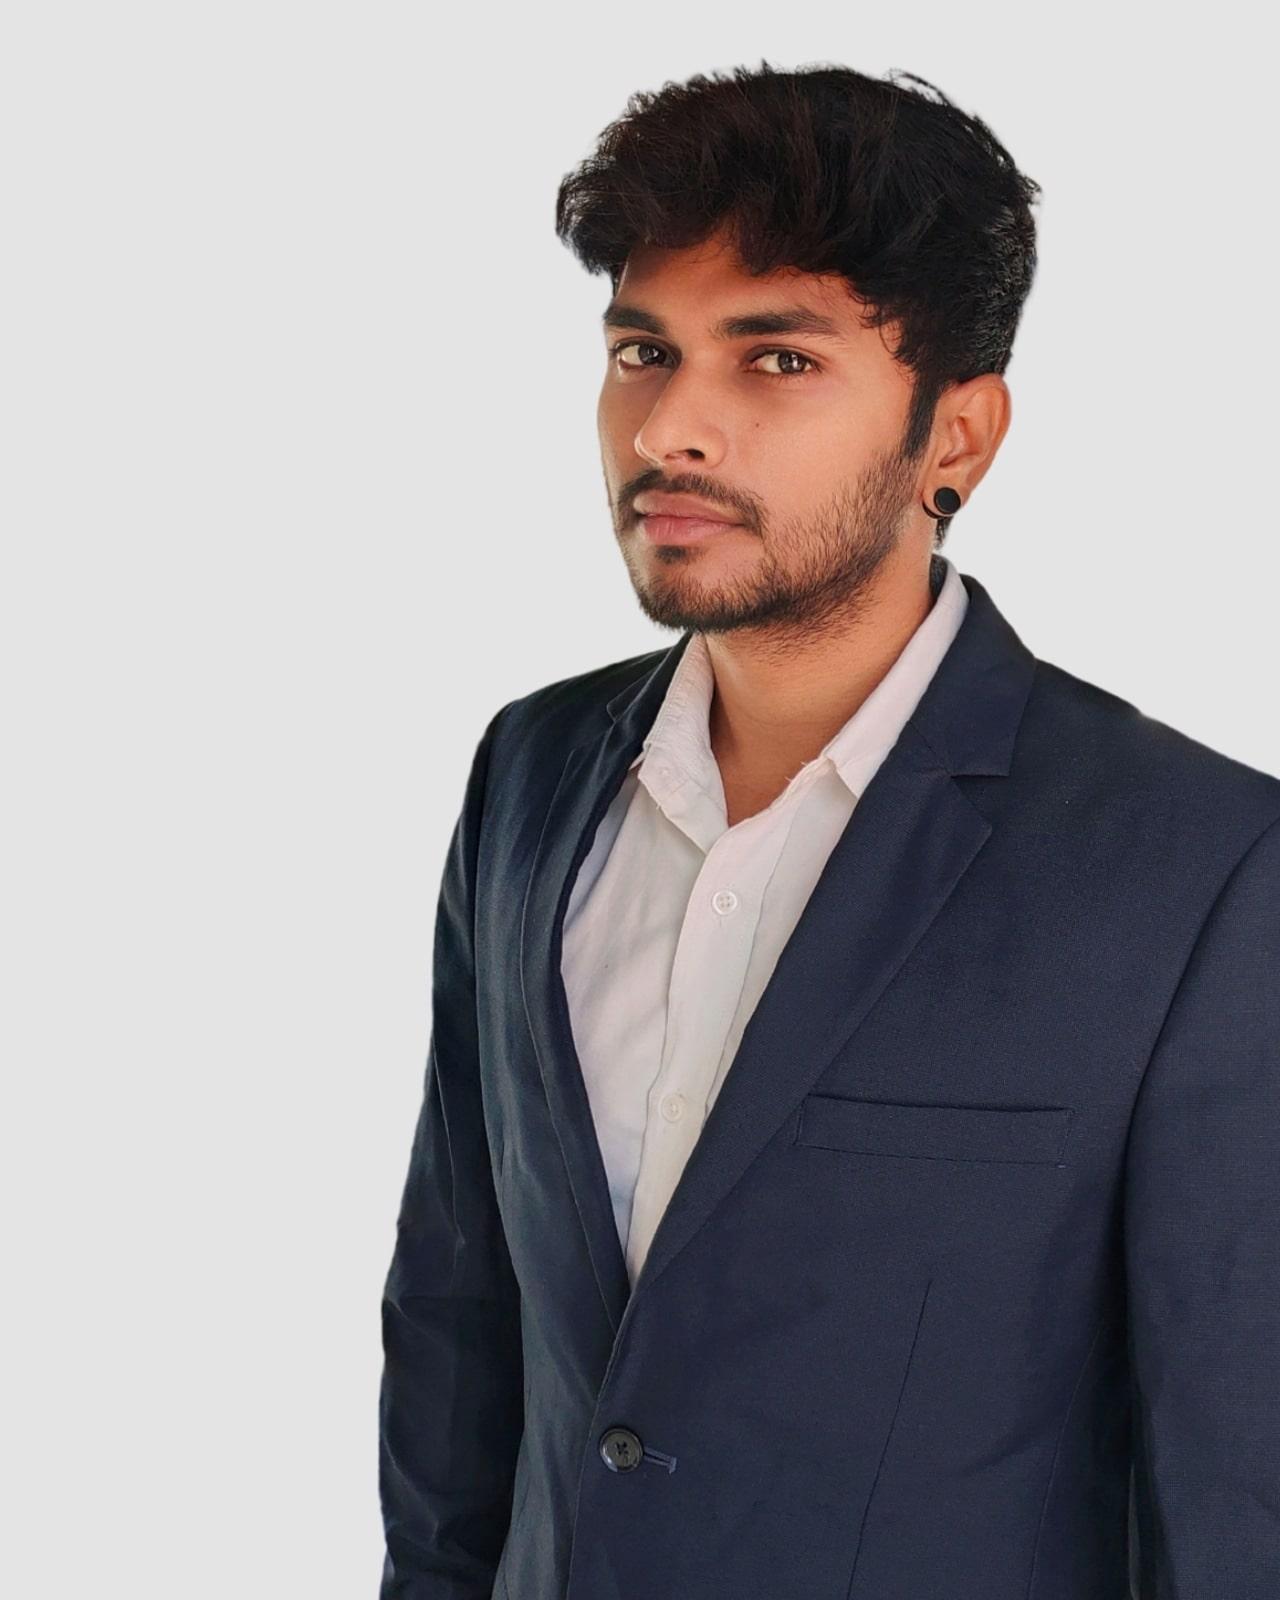 https://www.novalnet-solutions.com/wp-content/uploads/2021/02/Vinoth_Ravi.jpeg